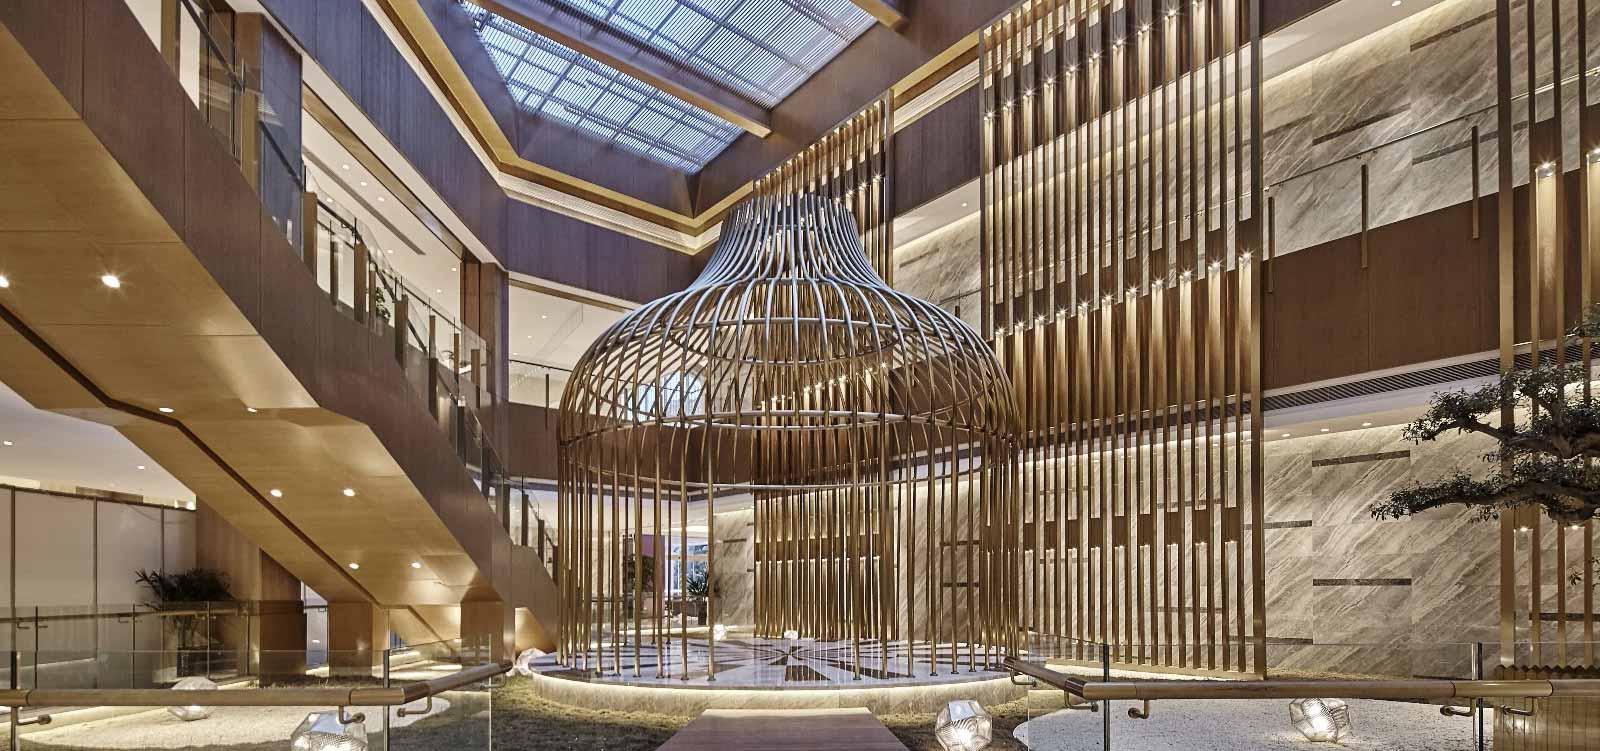 成都茶楼设计需要注意的三大设计元素